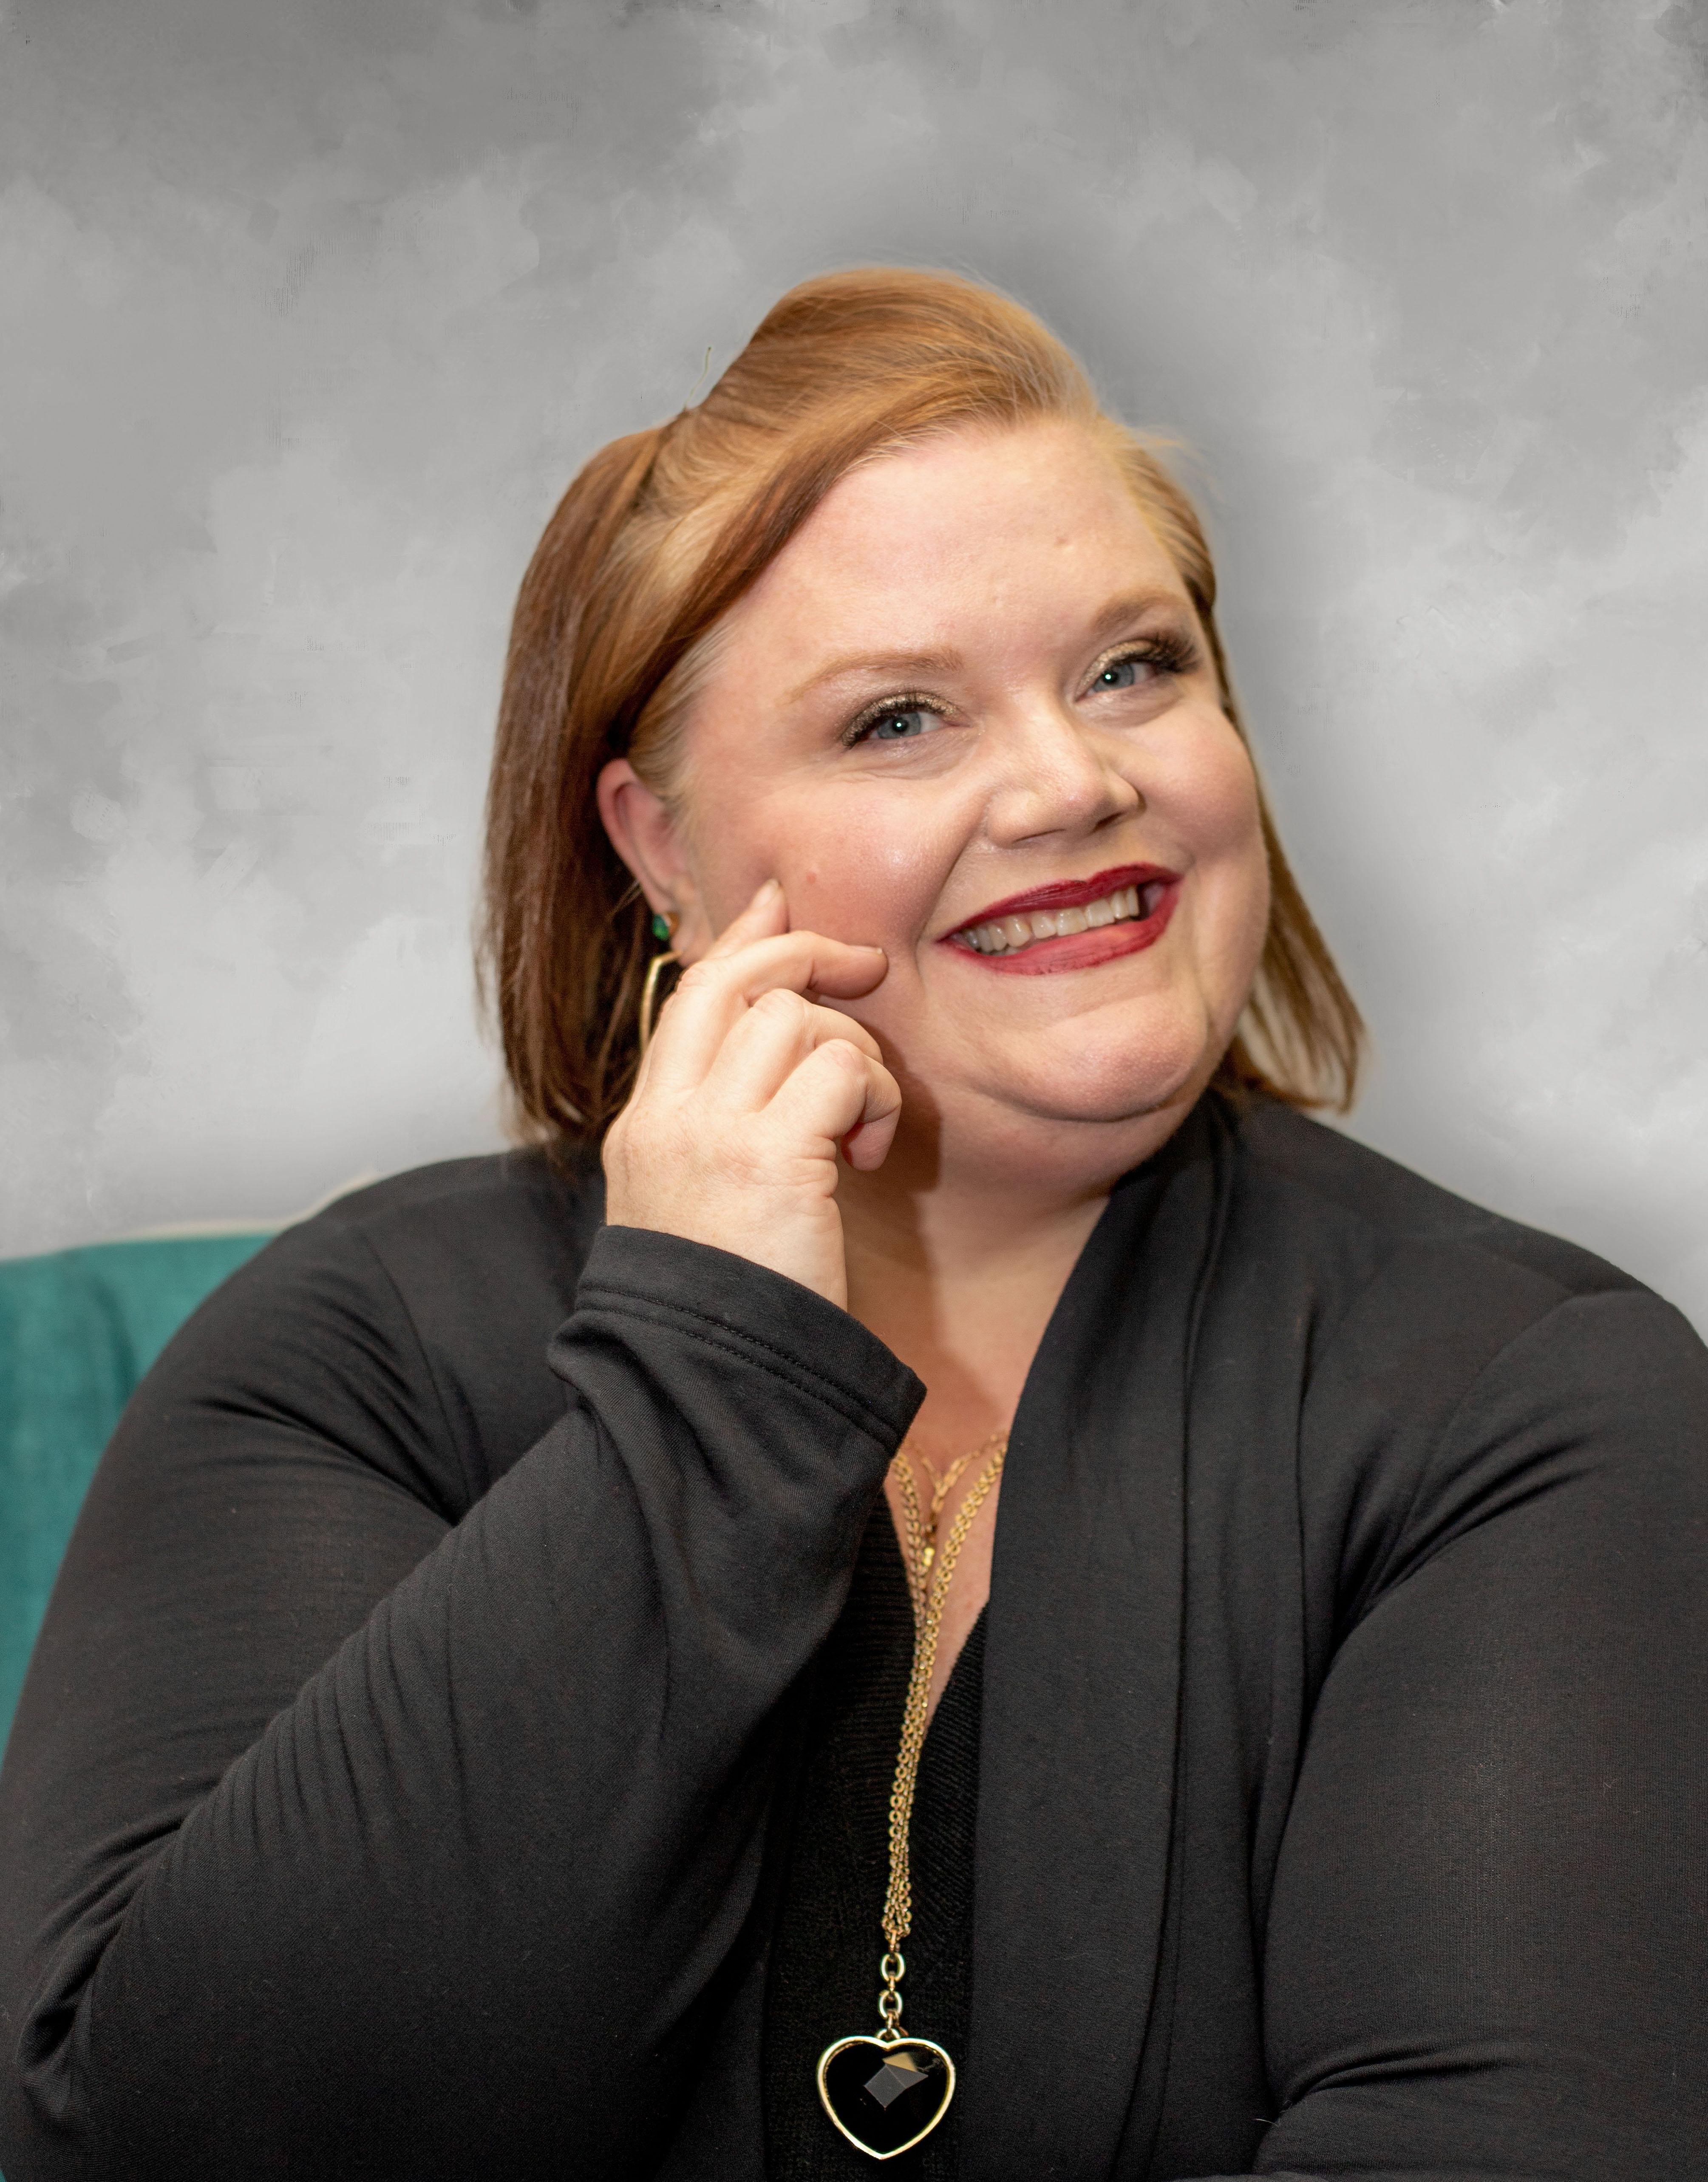 Miriam O'Malley-Long